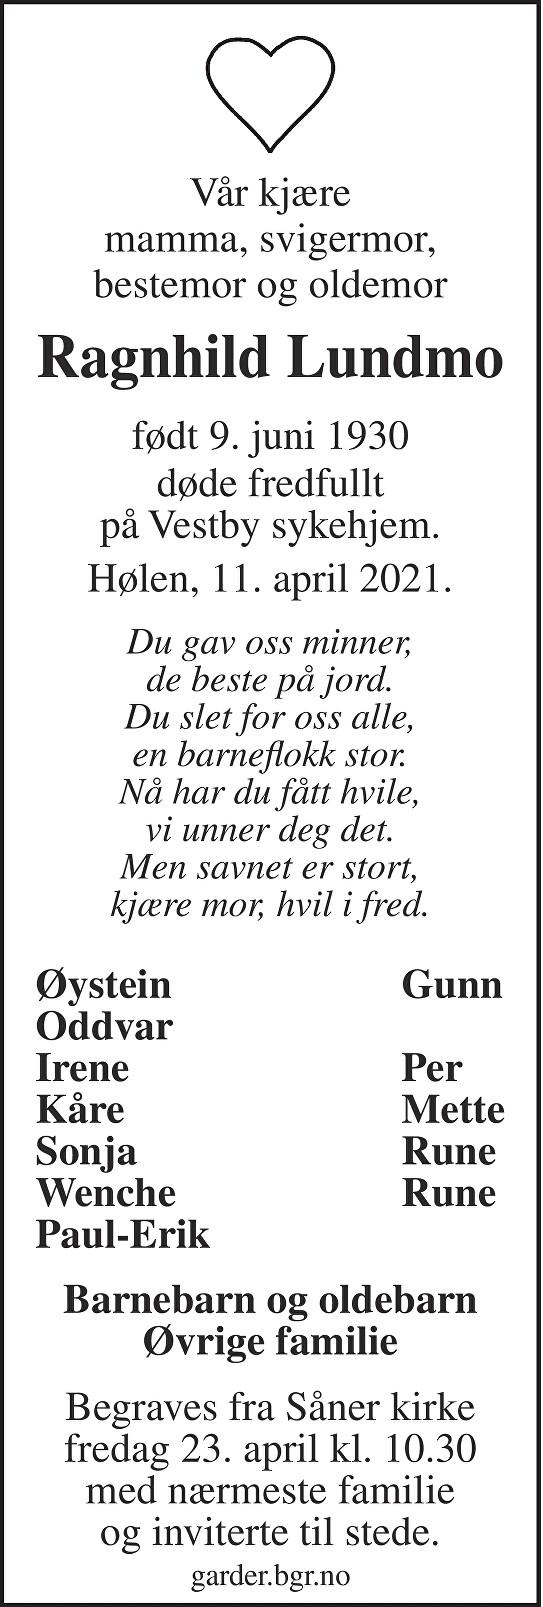 Ragnhild Lundmo Dødsannonse